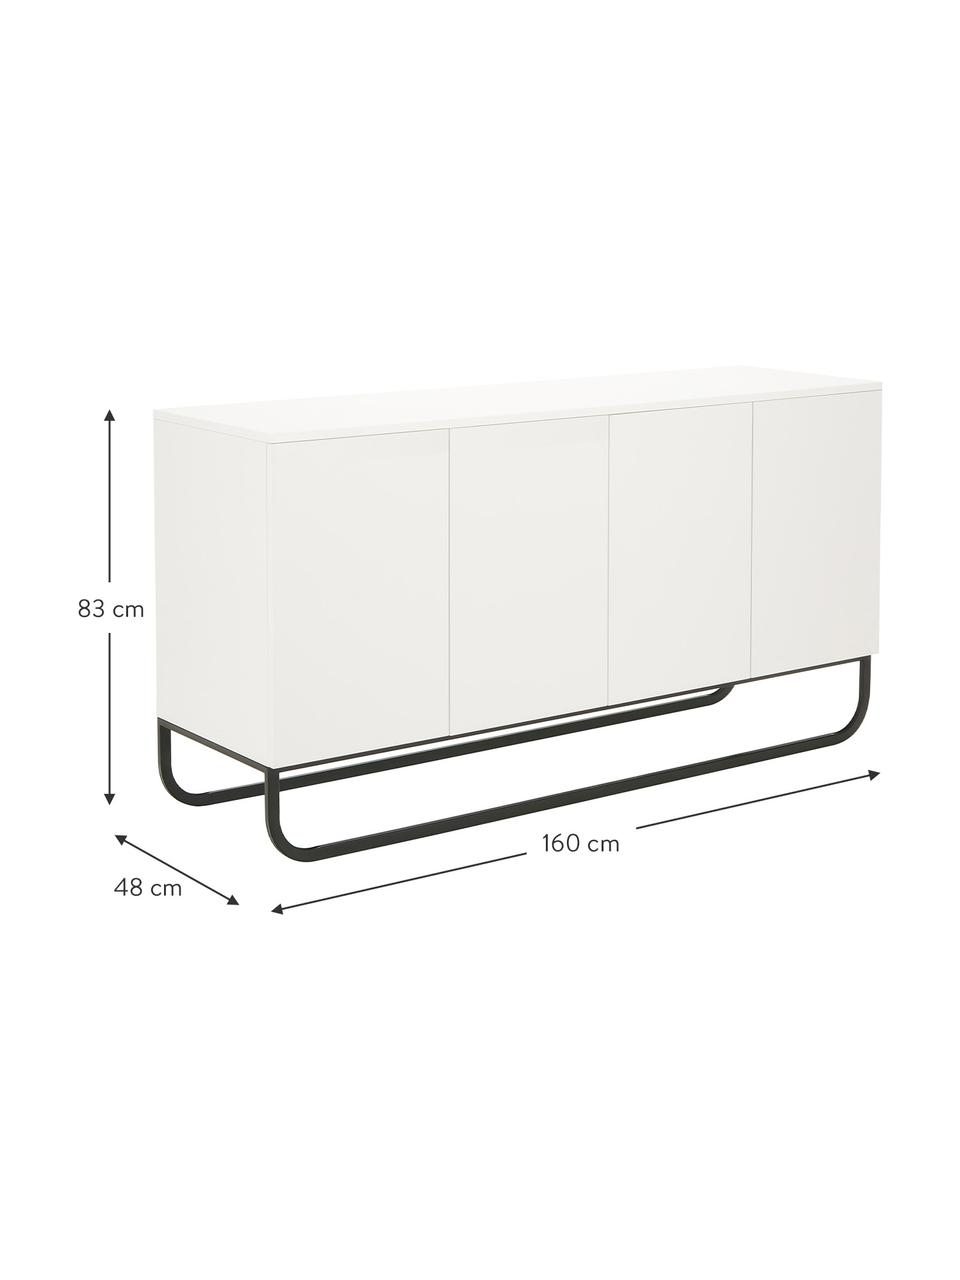 Klassisches Sideboard Sanford in Weiß mit Türen, Korpus: Mitteldichte Holzfaserpla, Fußgestell: Metall, pulverbeschichtet, Weiß, Schwarz, 160 x 83 cm